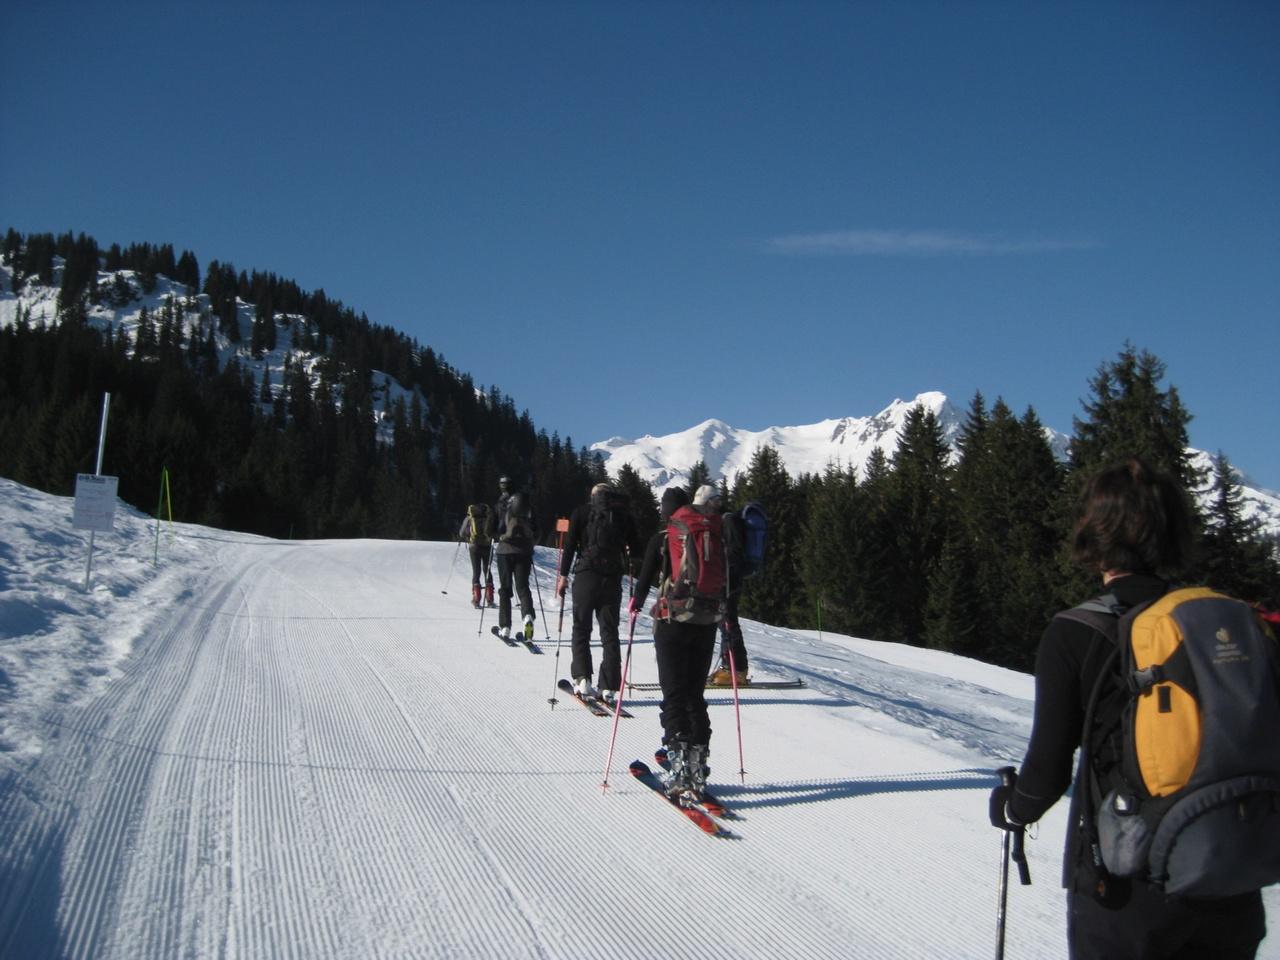 <h5>C'est parti pour le Grand Mont d'Aréche</h5><p>Entrer votre description</p>